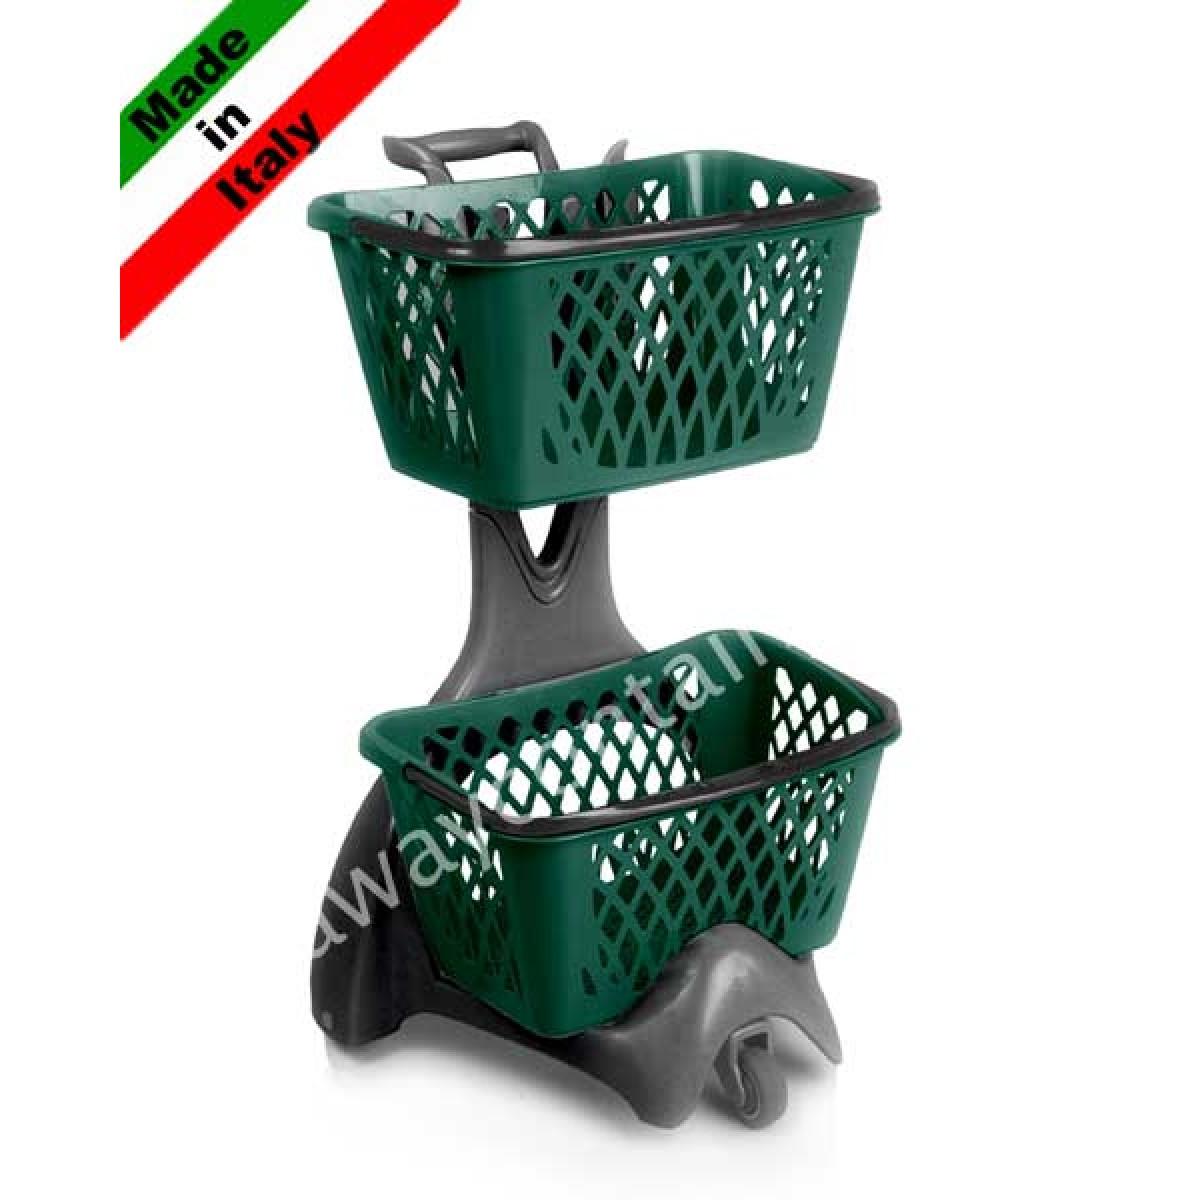 Carrello spesa porta cestini in plastica per supermercato e negozio